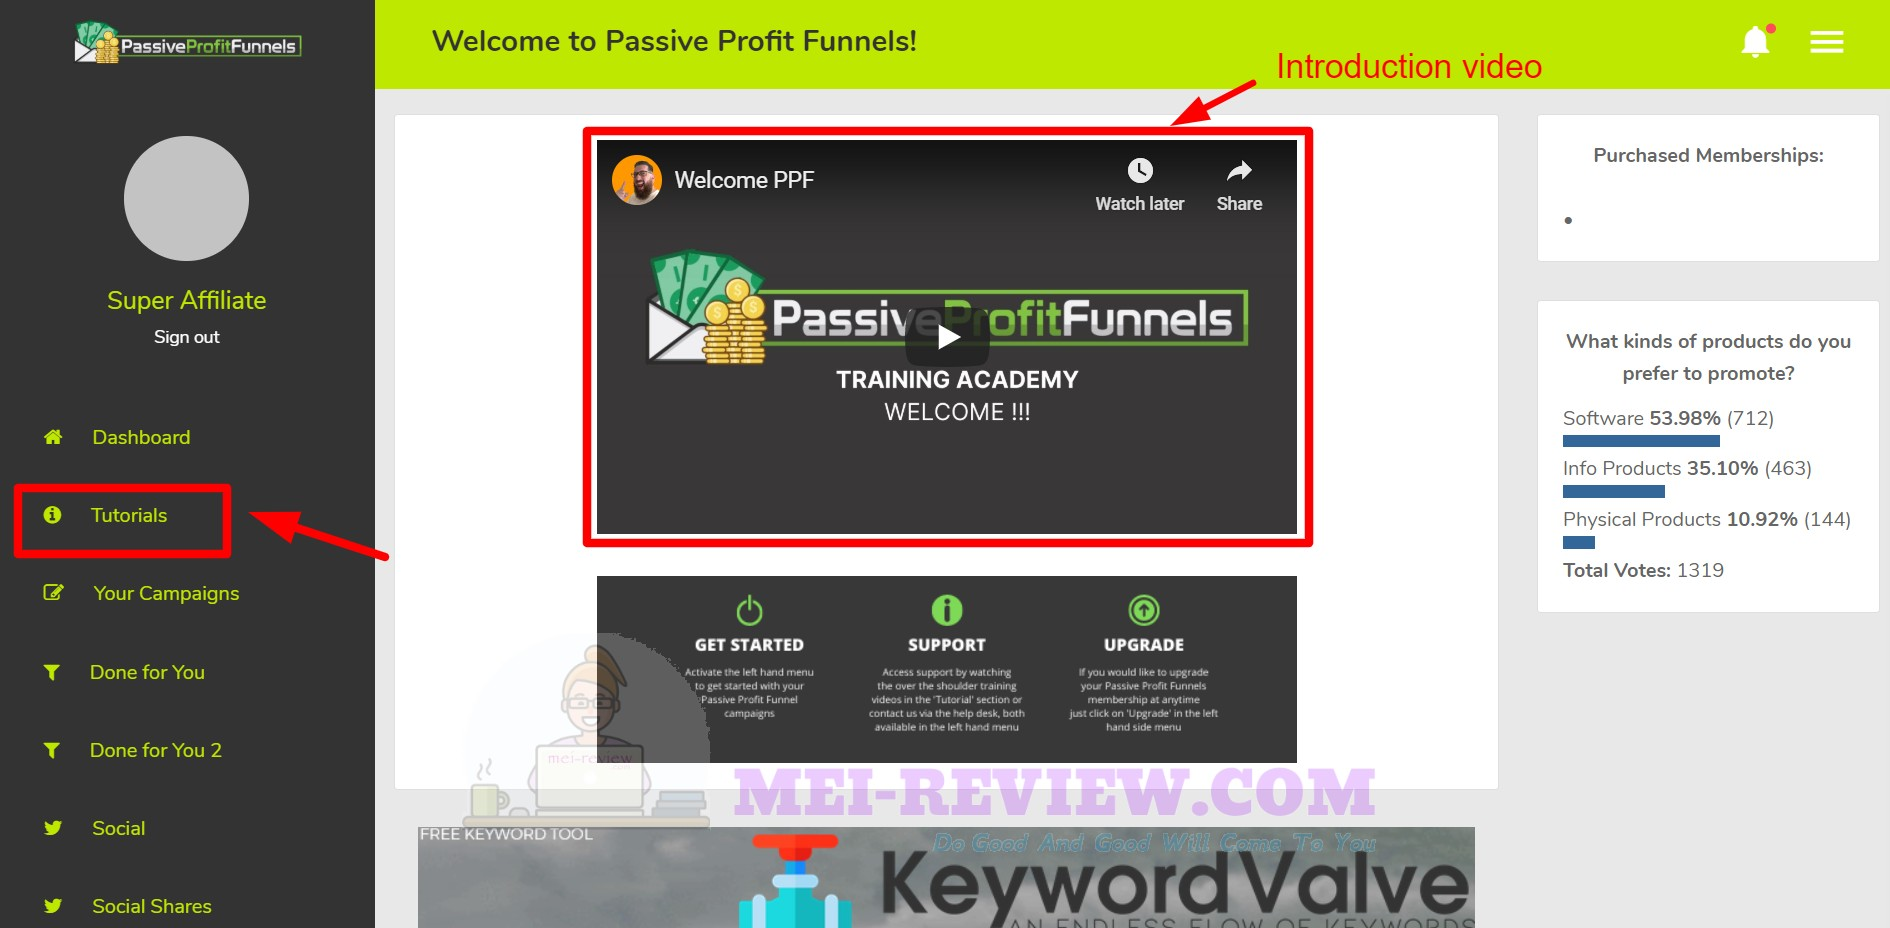 Passive-Profit-Funnels-Demo-1